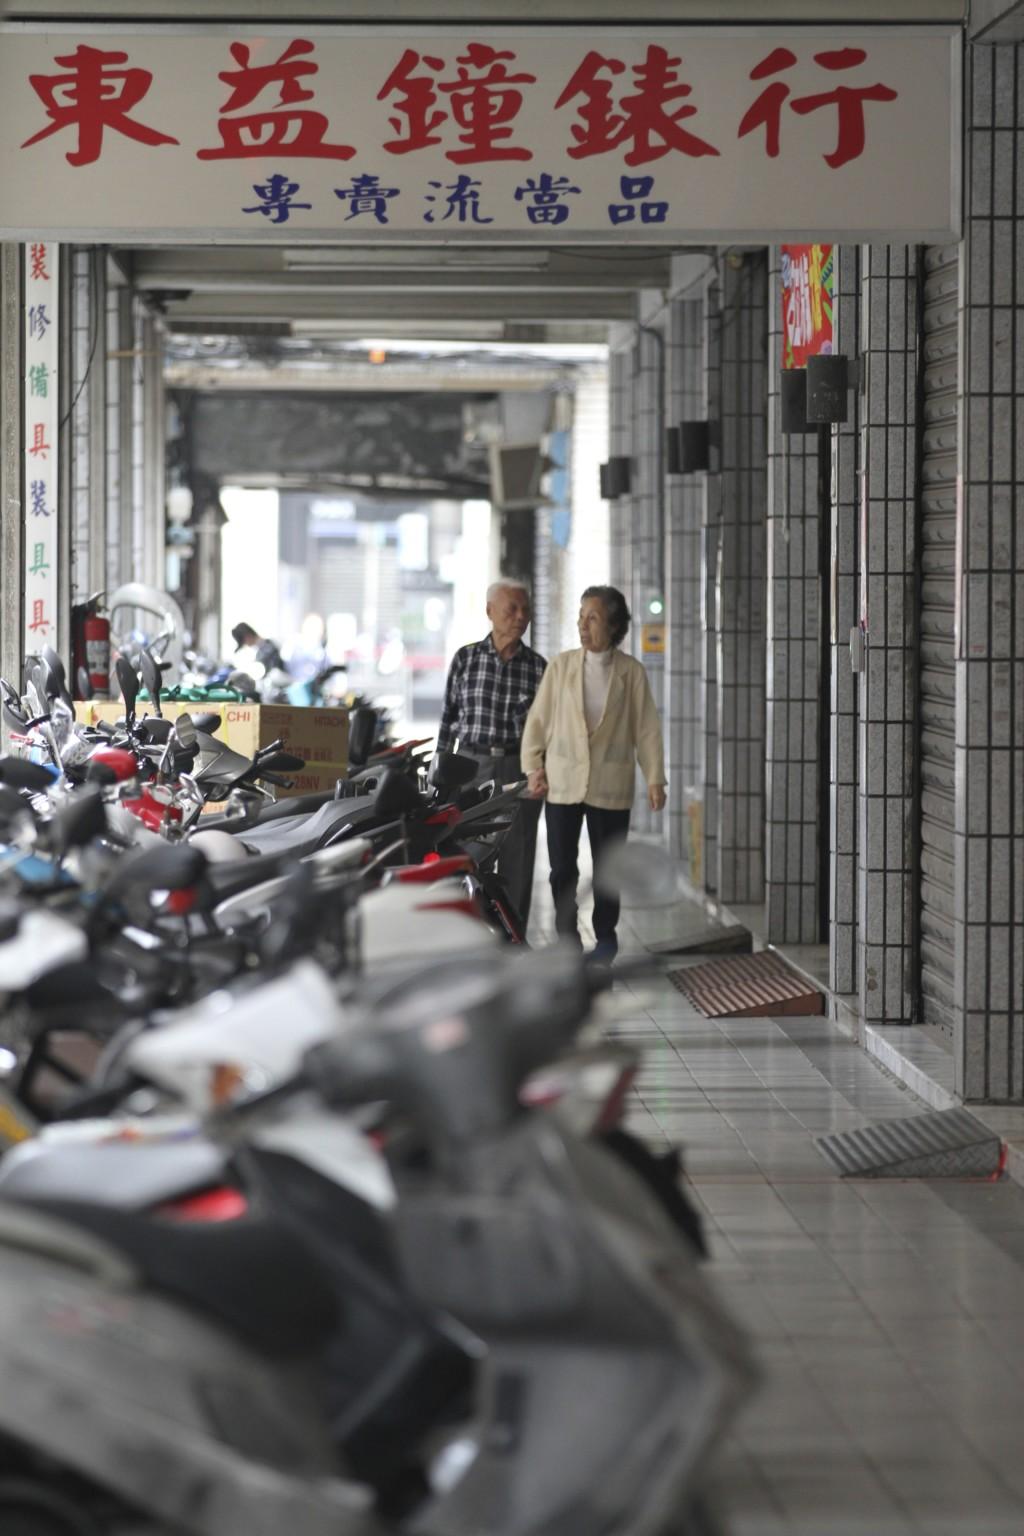 万華における軒下歩道「騎楼」の例(3)